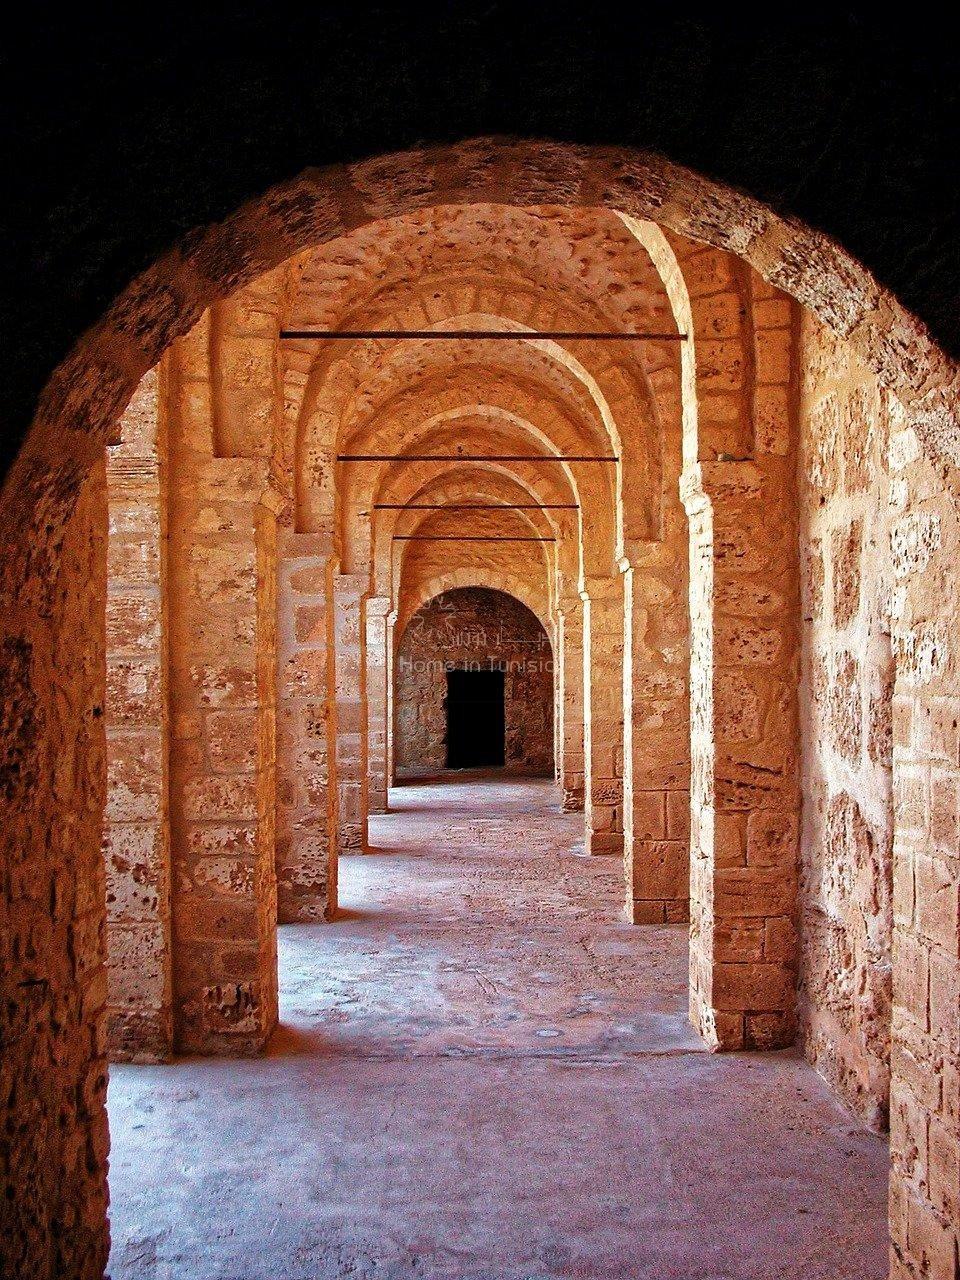 Rental Retail - Hammam Sousse - Tunisia